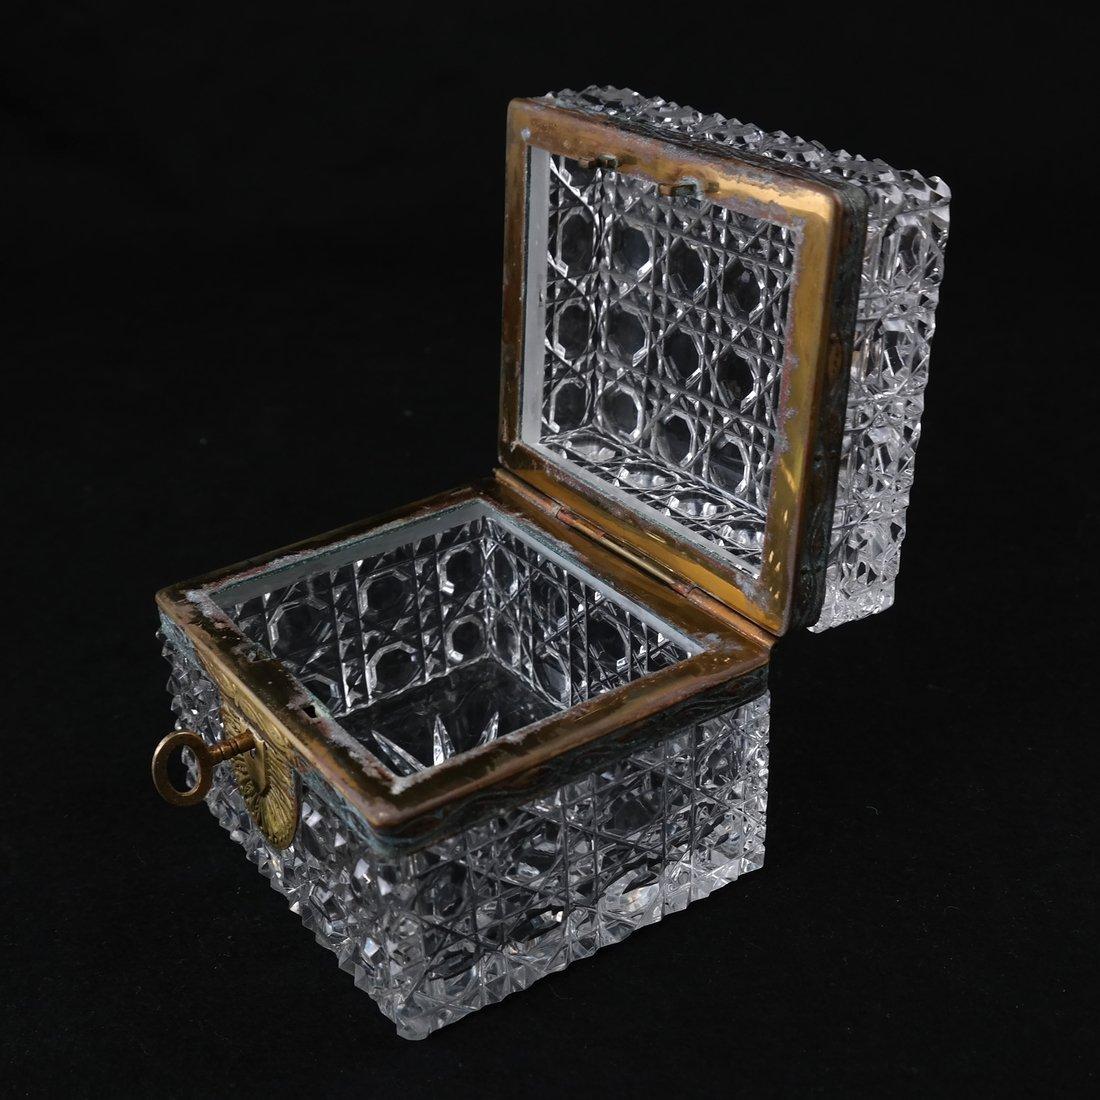 Fine Crystal Jewelry Box - 4